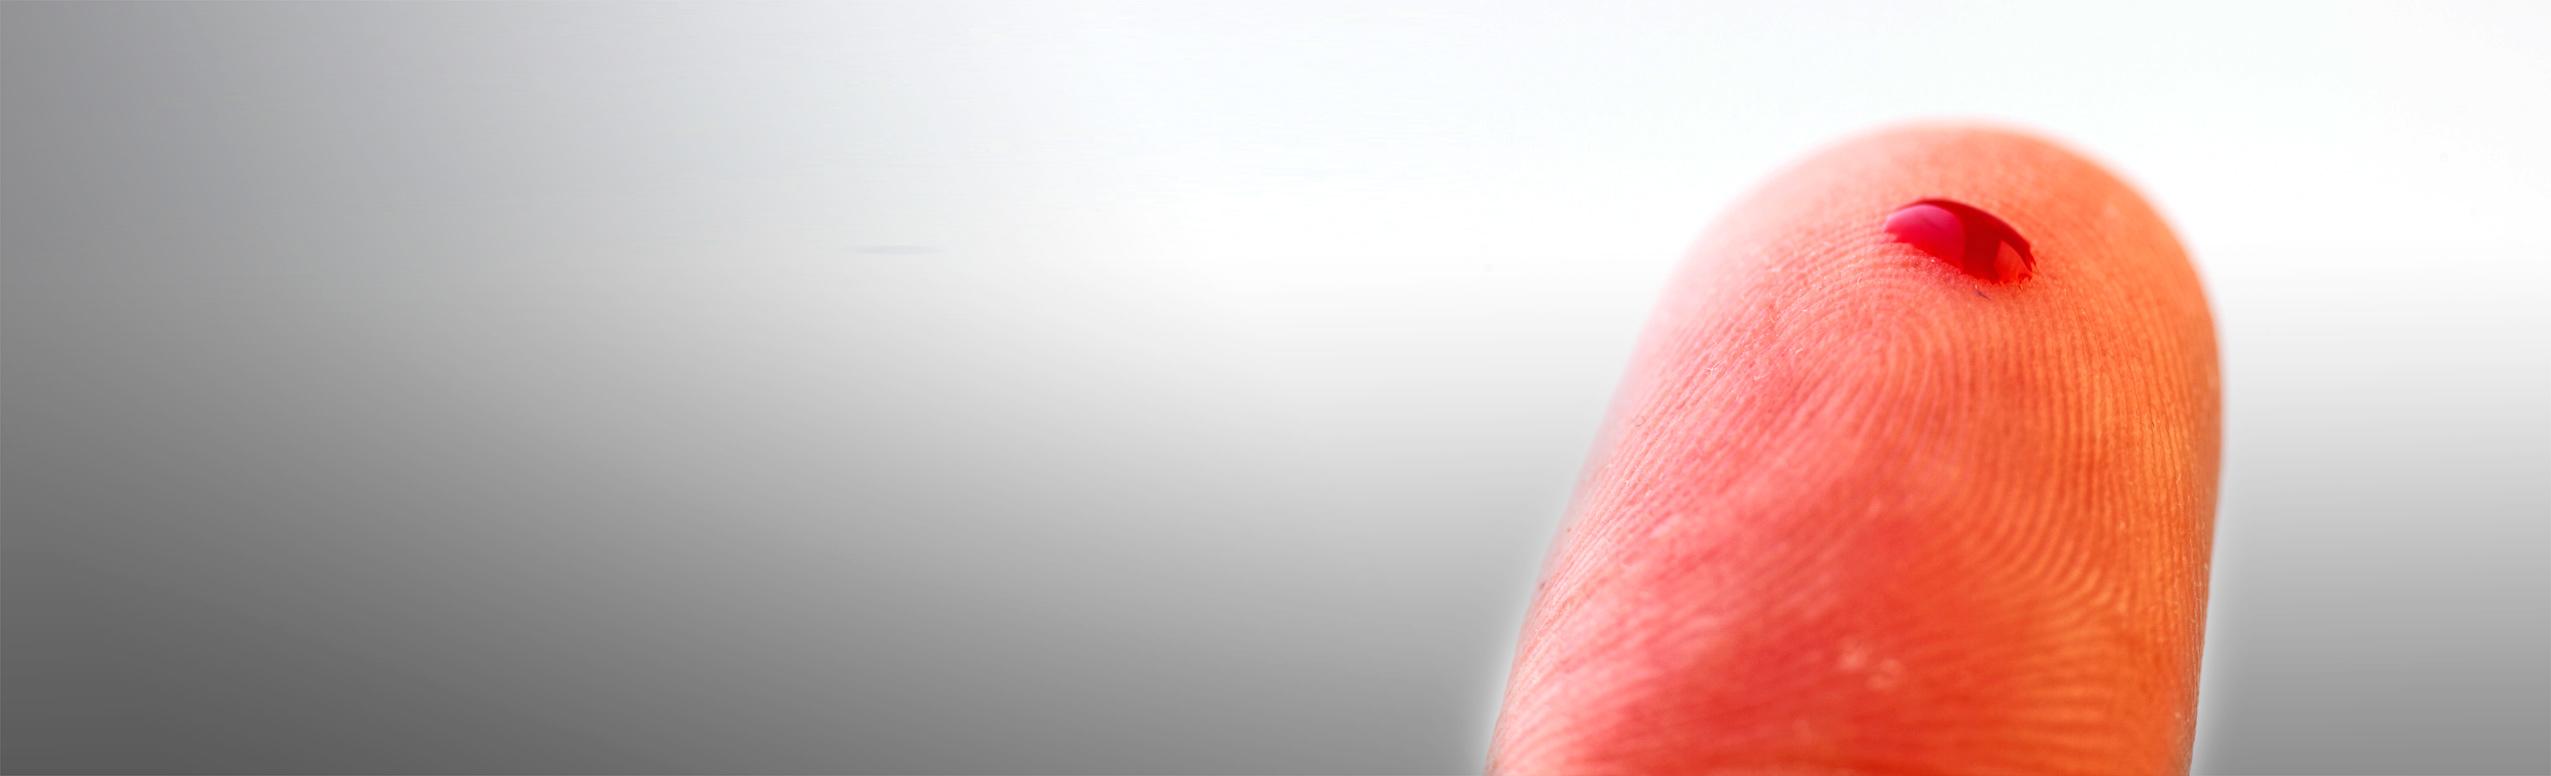 Ein Tropfen Blut auf einem Finger.